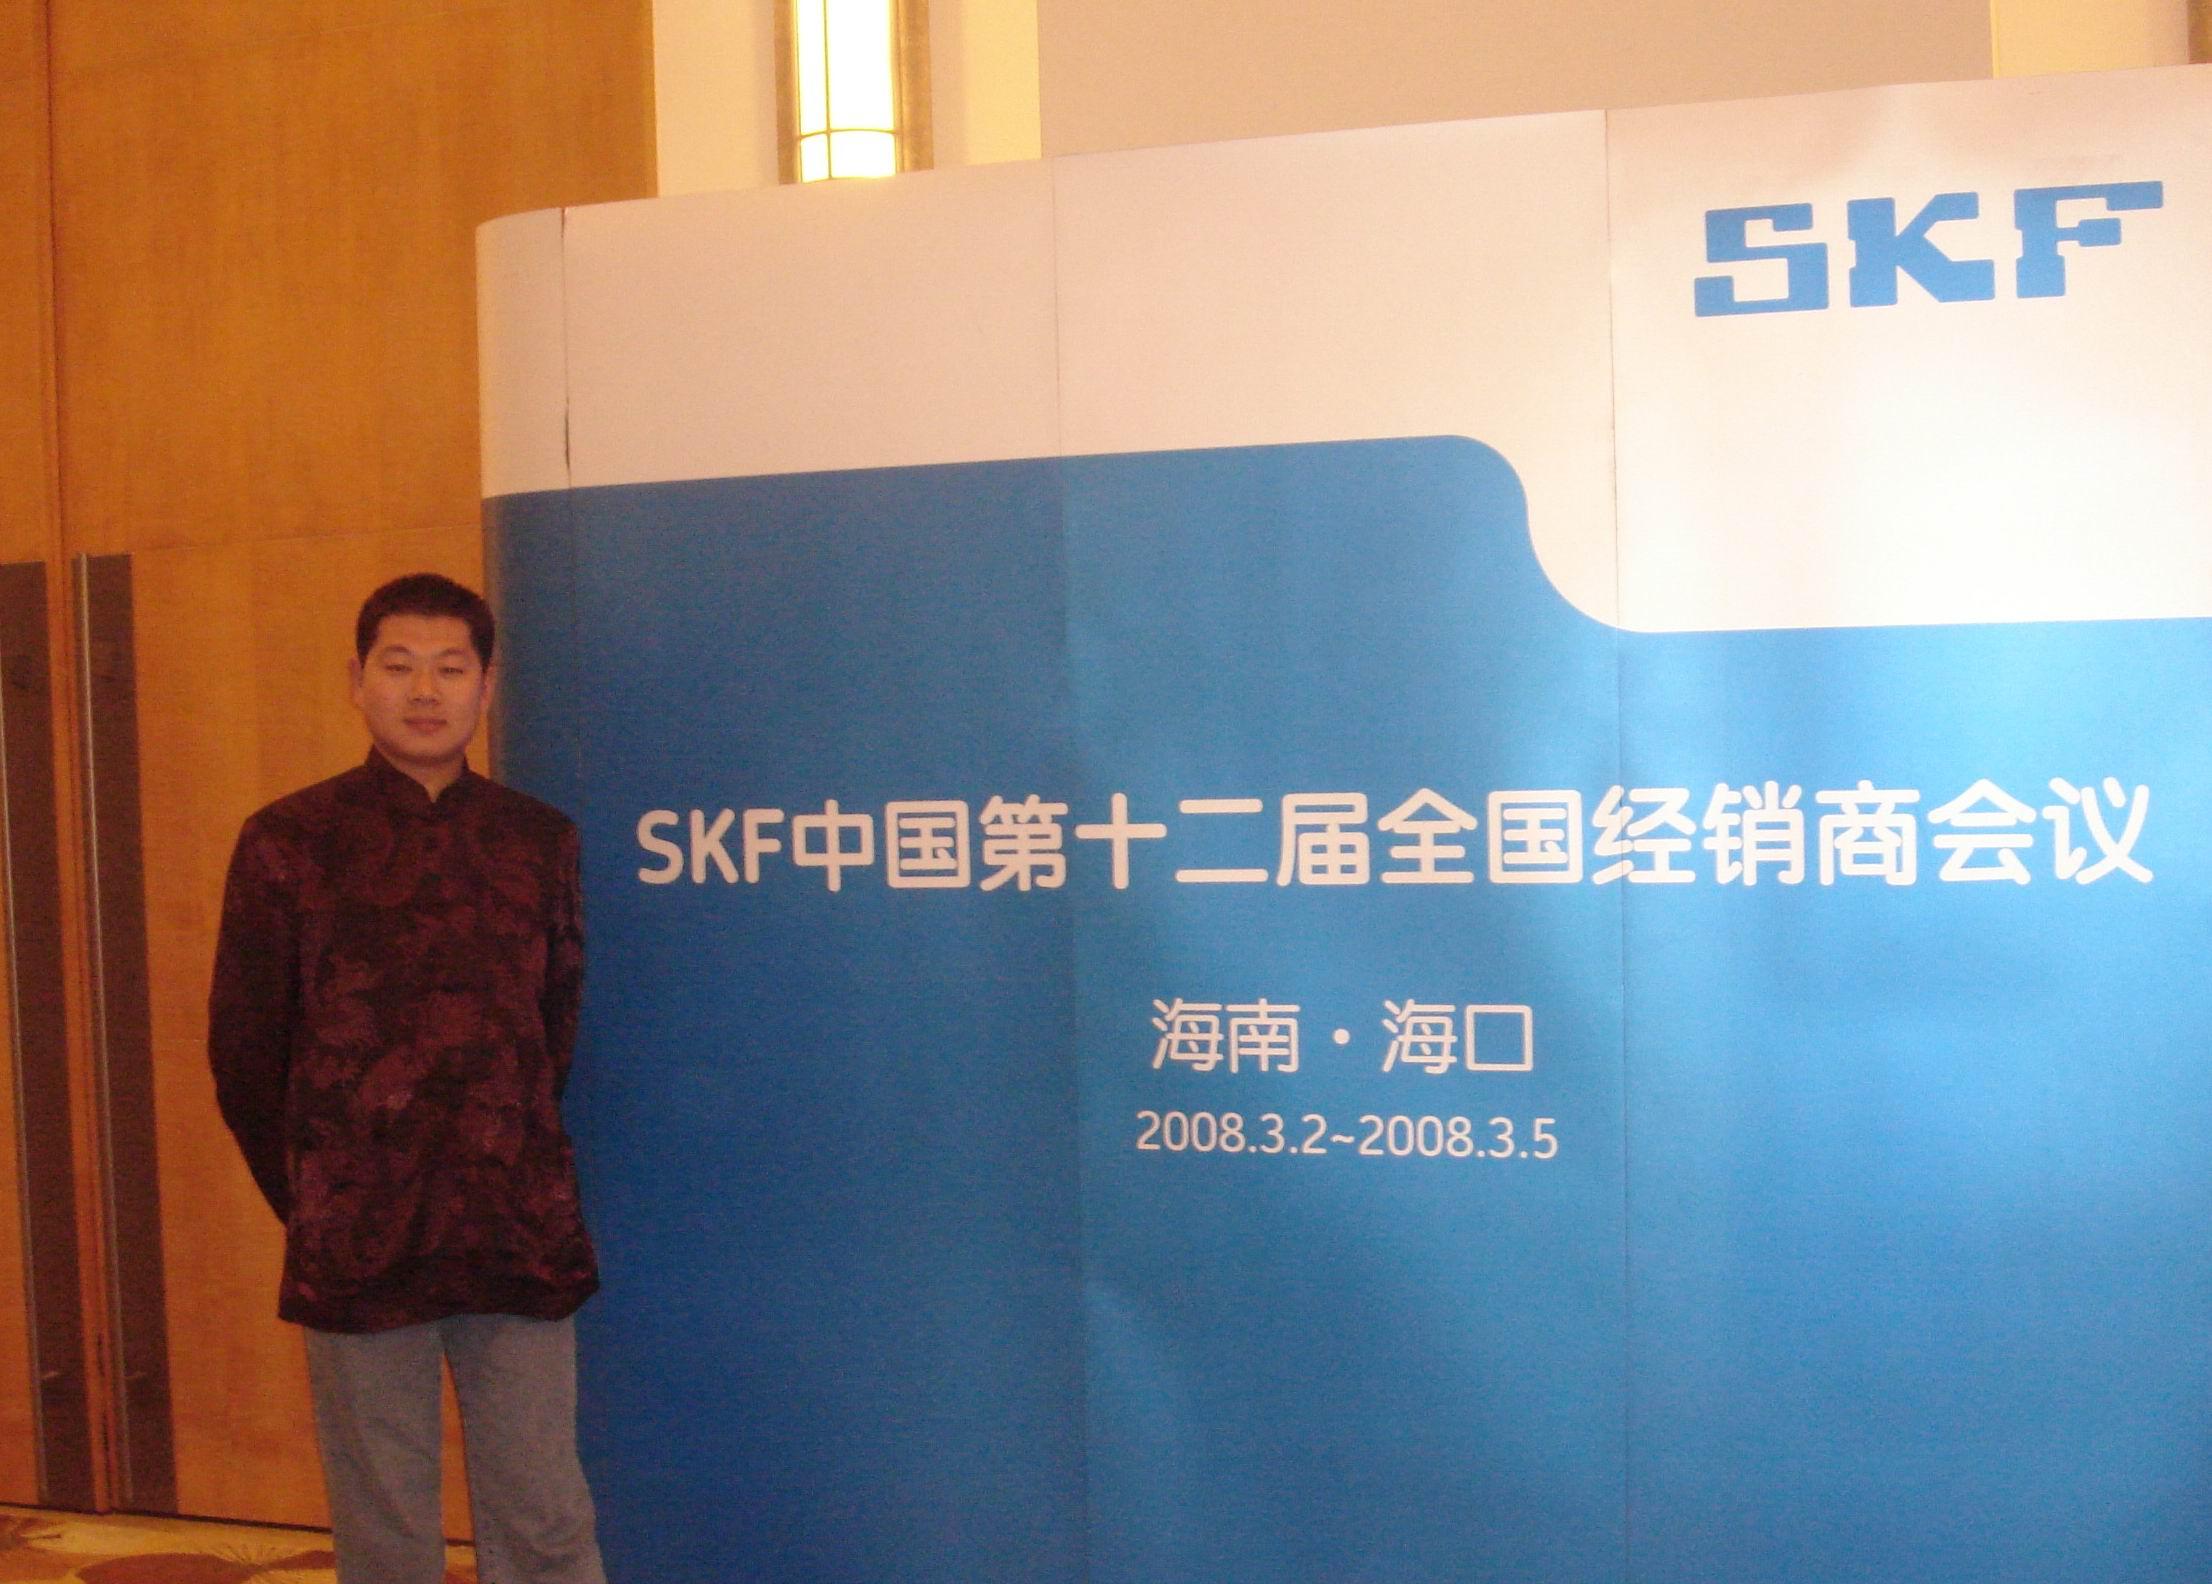 SKF会议